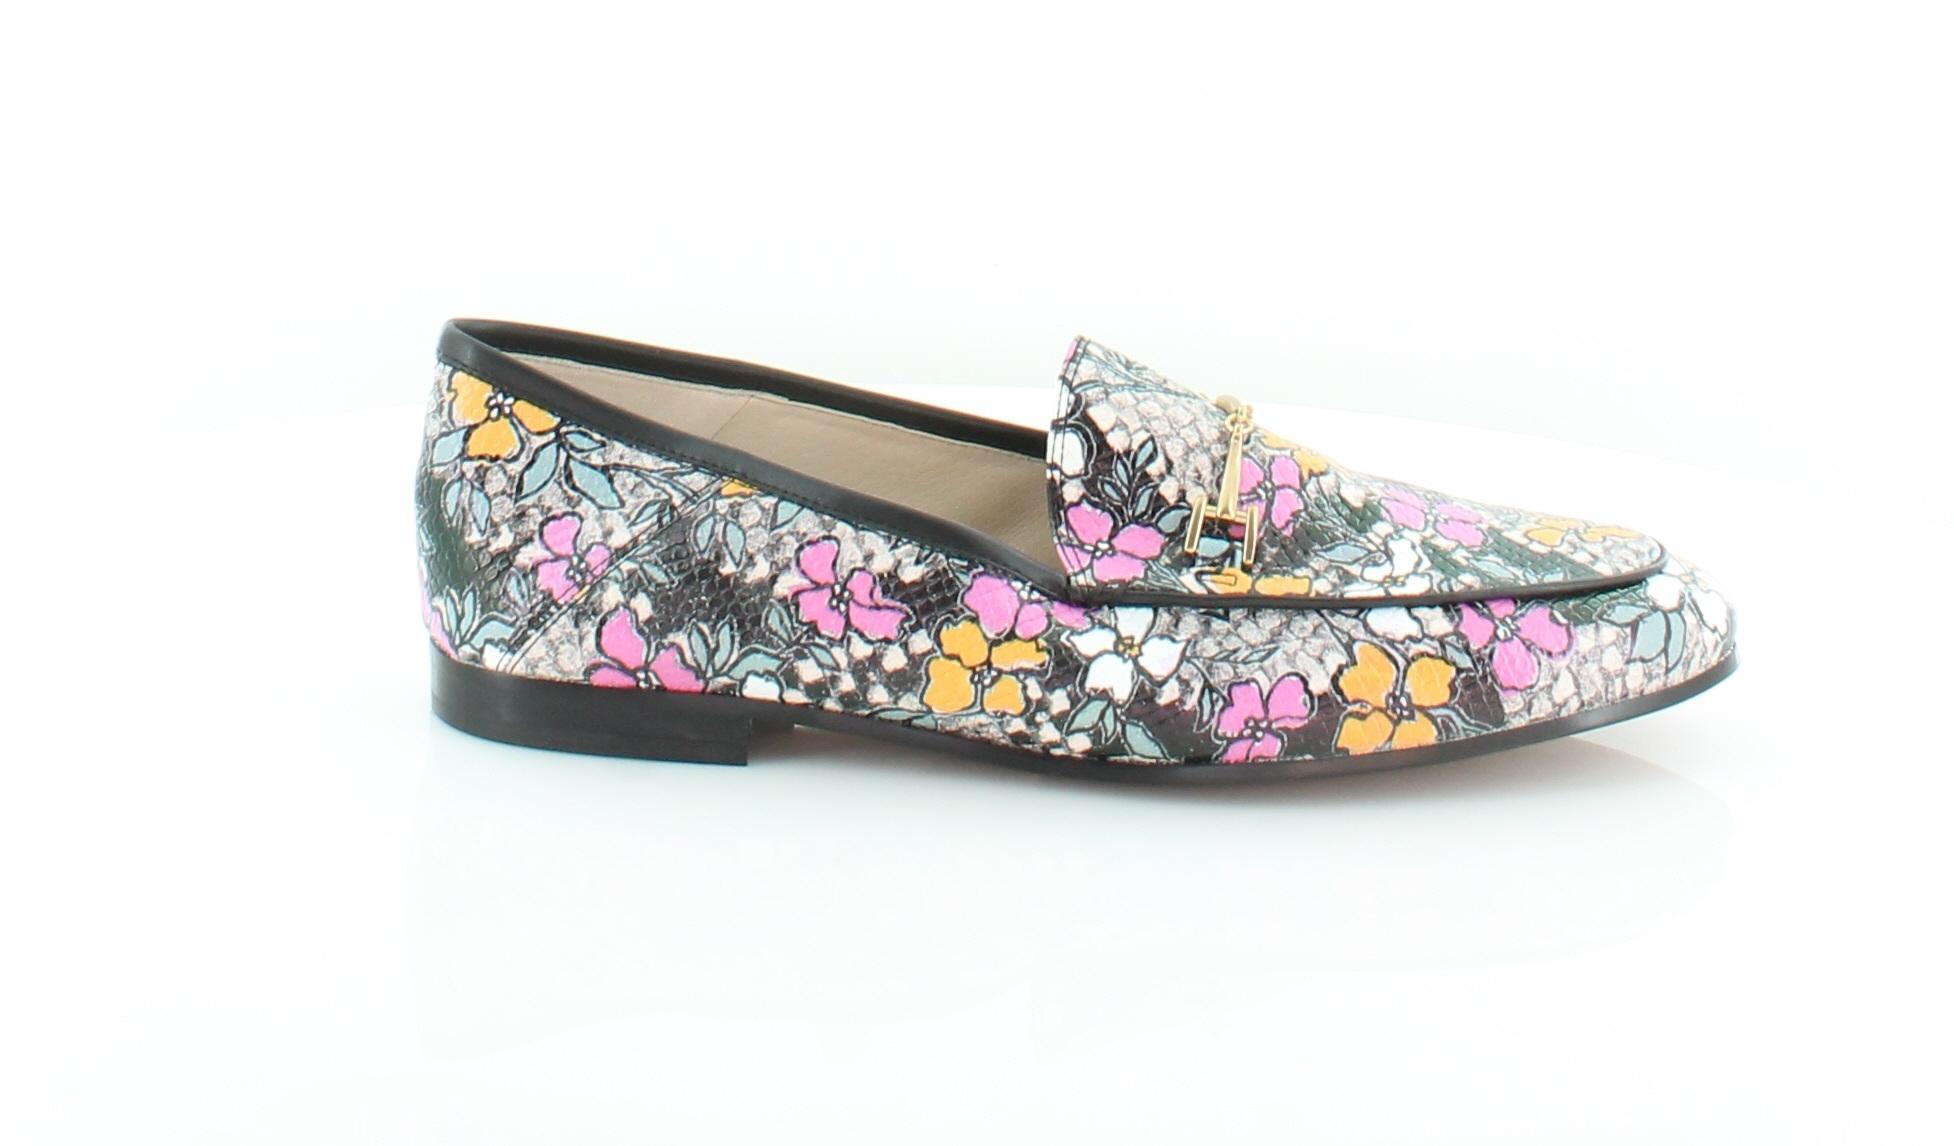 Sam Edelman Edelman Edelman Loraine Negro Zapatos para mujer Talla 9.5 M pisos precio minorista sugerido por el fabricante  120  100% autentico